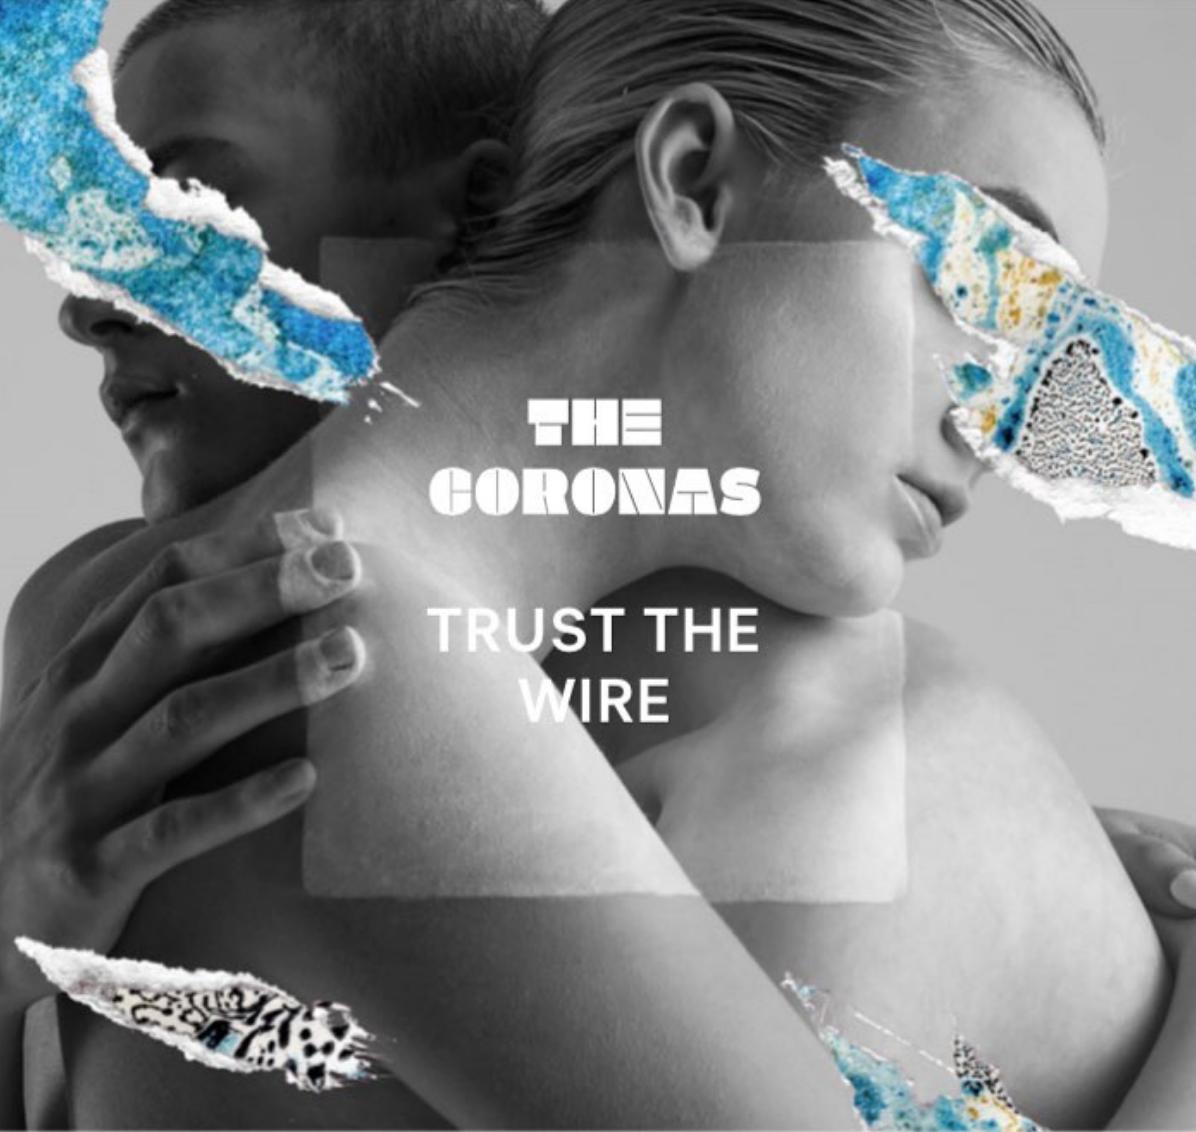 The Coronas: Trust the Wire album